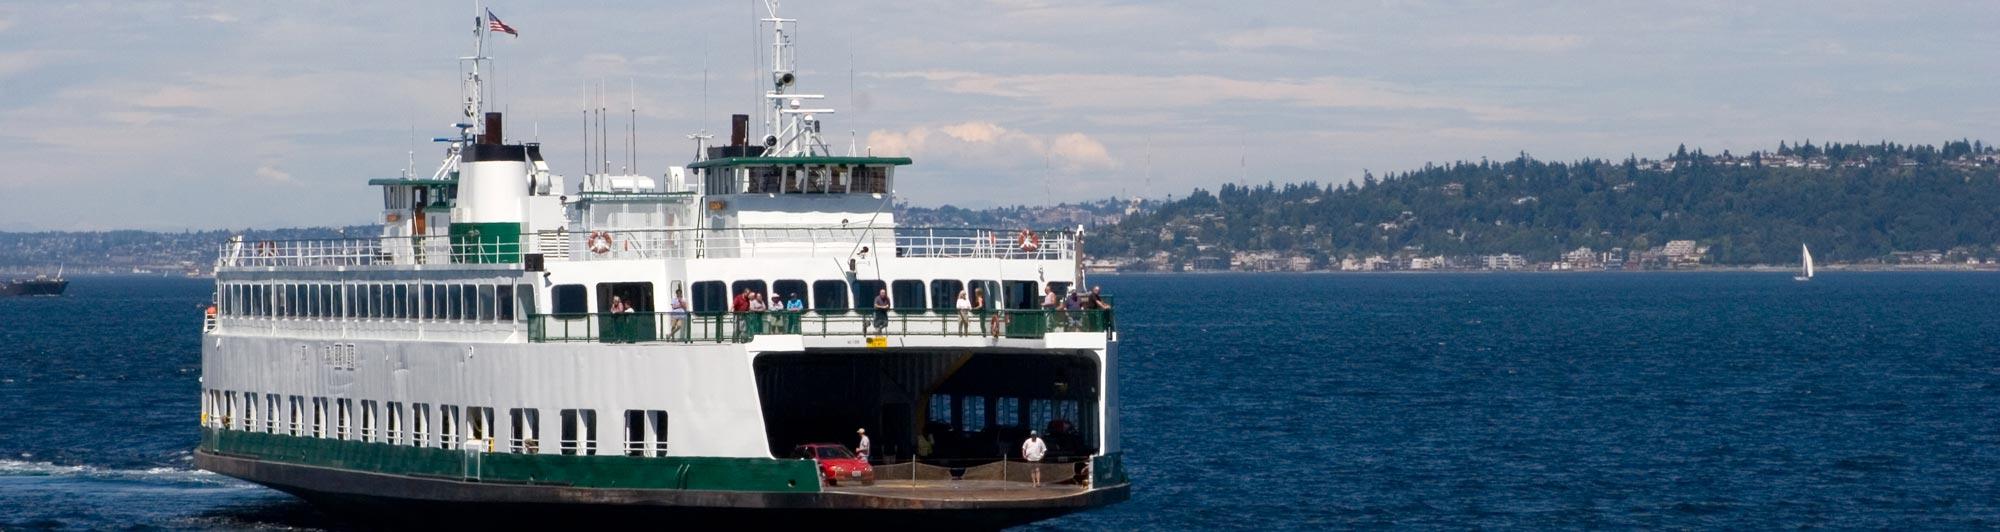 West Washington Ferry